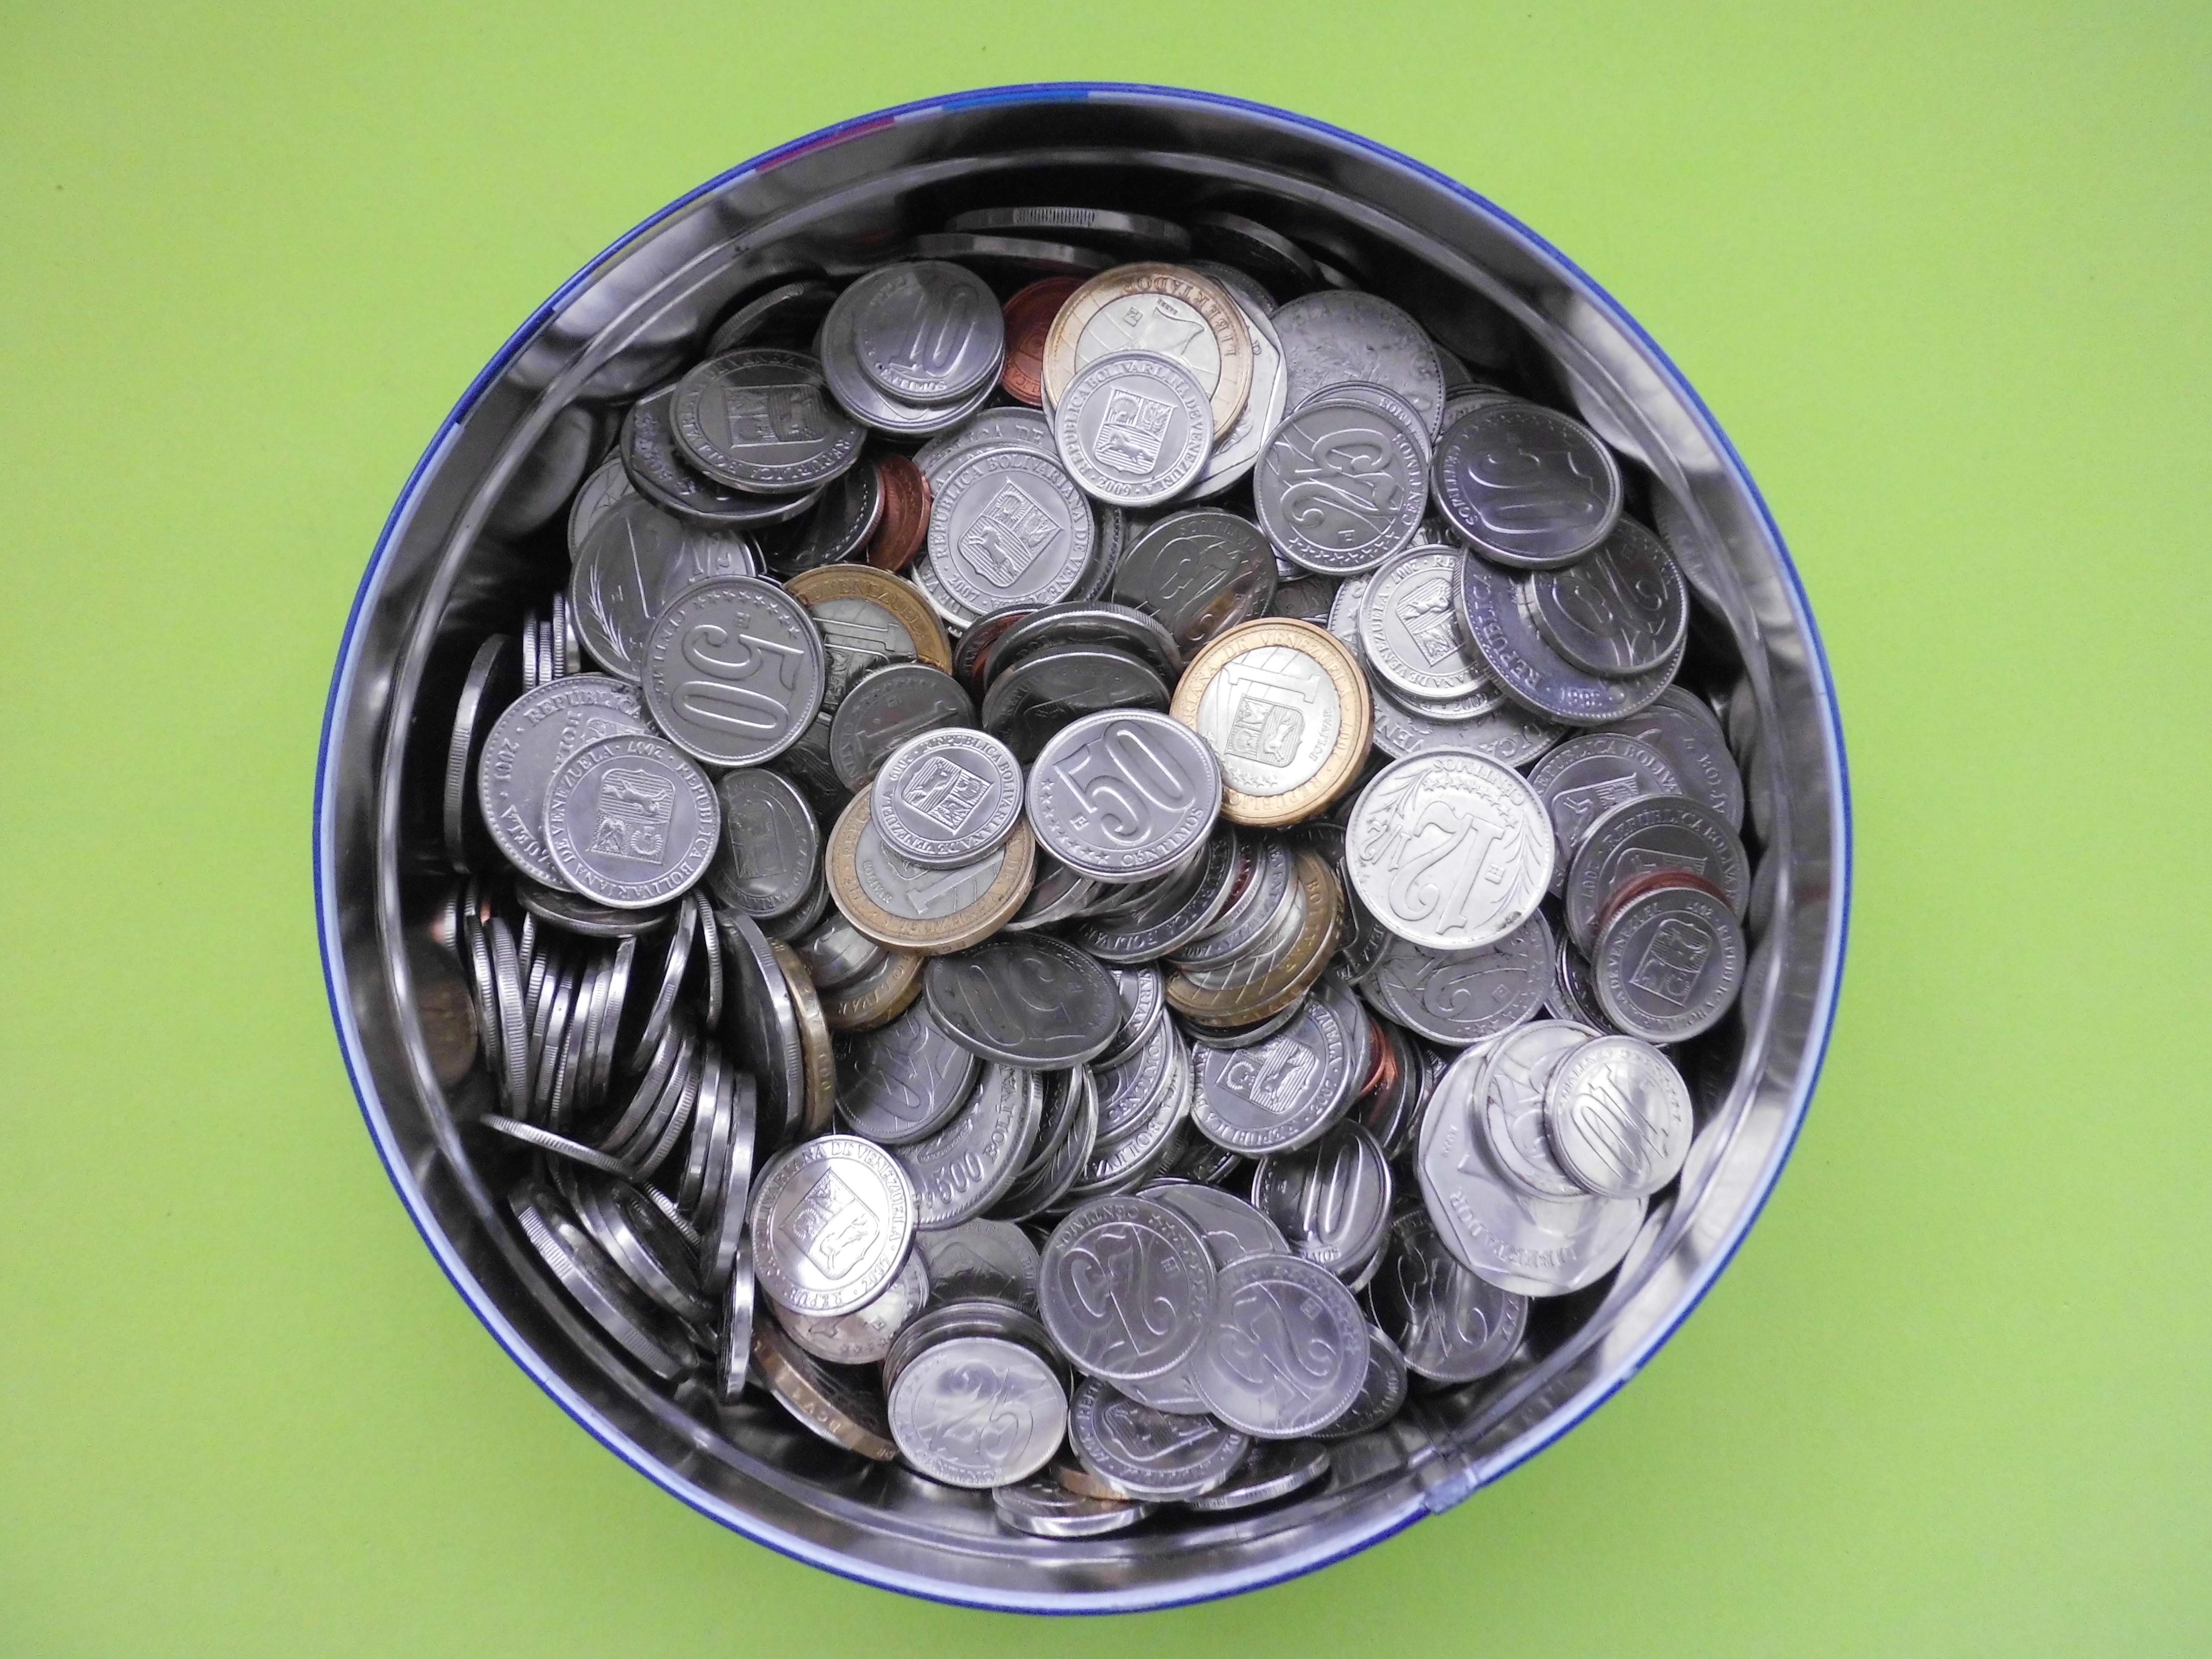 венесуэльская валюта фото изображается весь рост